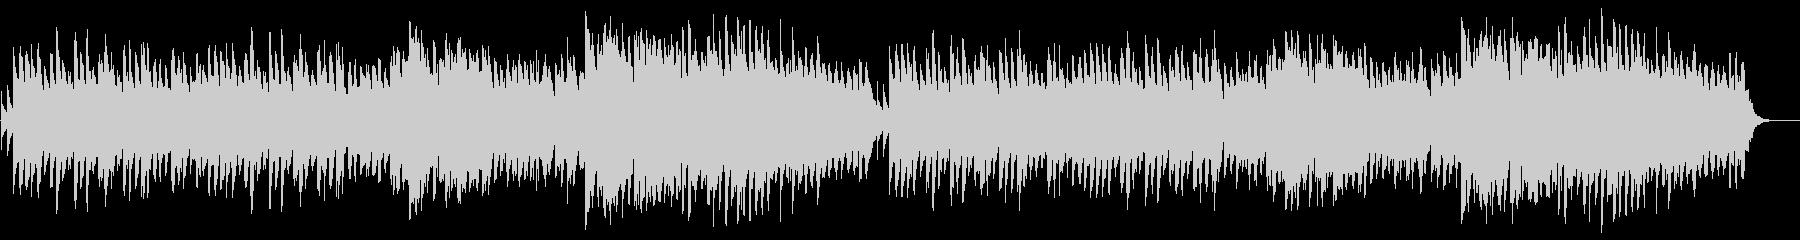 ピアノとフルートののどかなBGMの未再生の波形